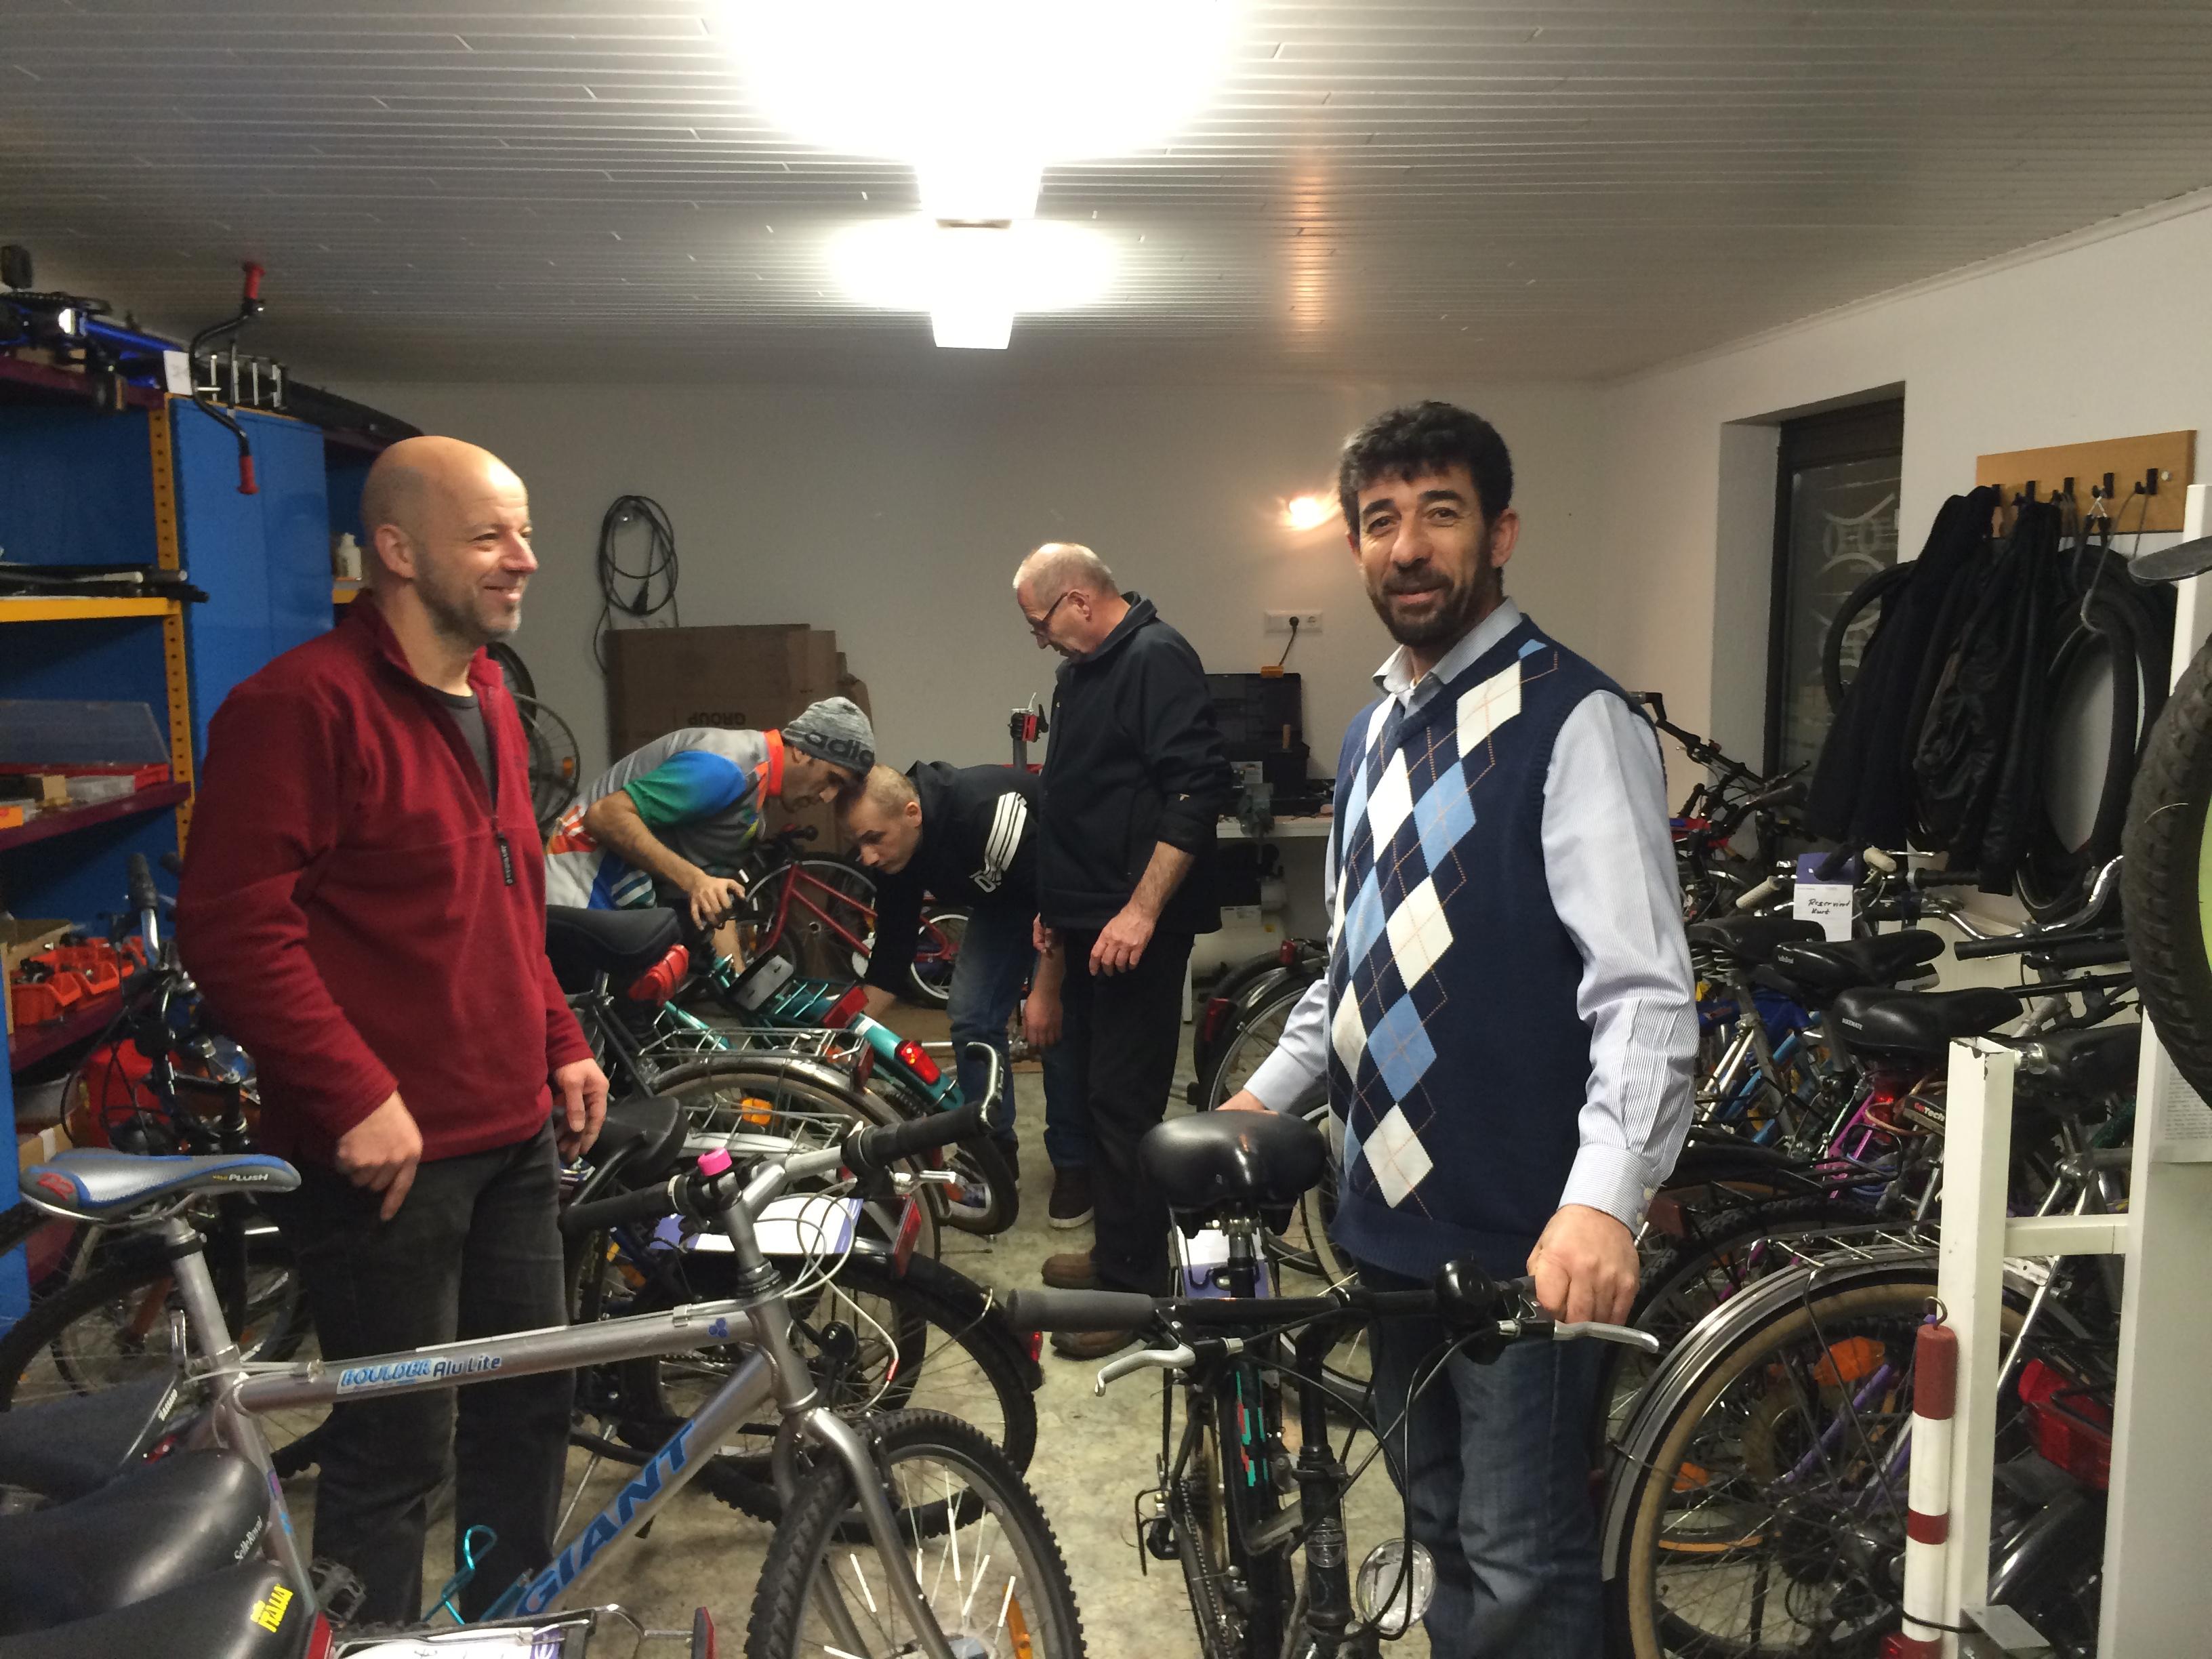 Gemeinsames Arbeiten in der Fahrradwerkstatt